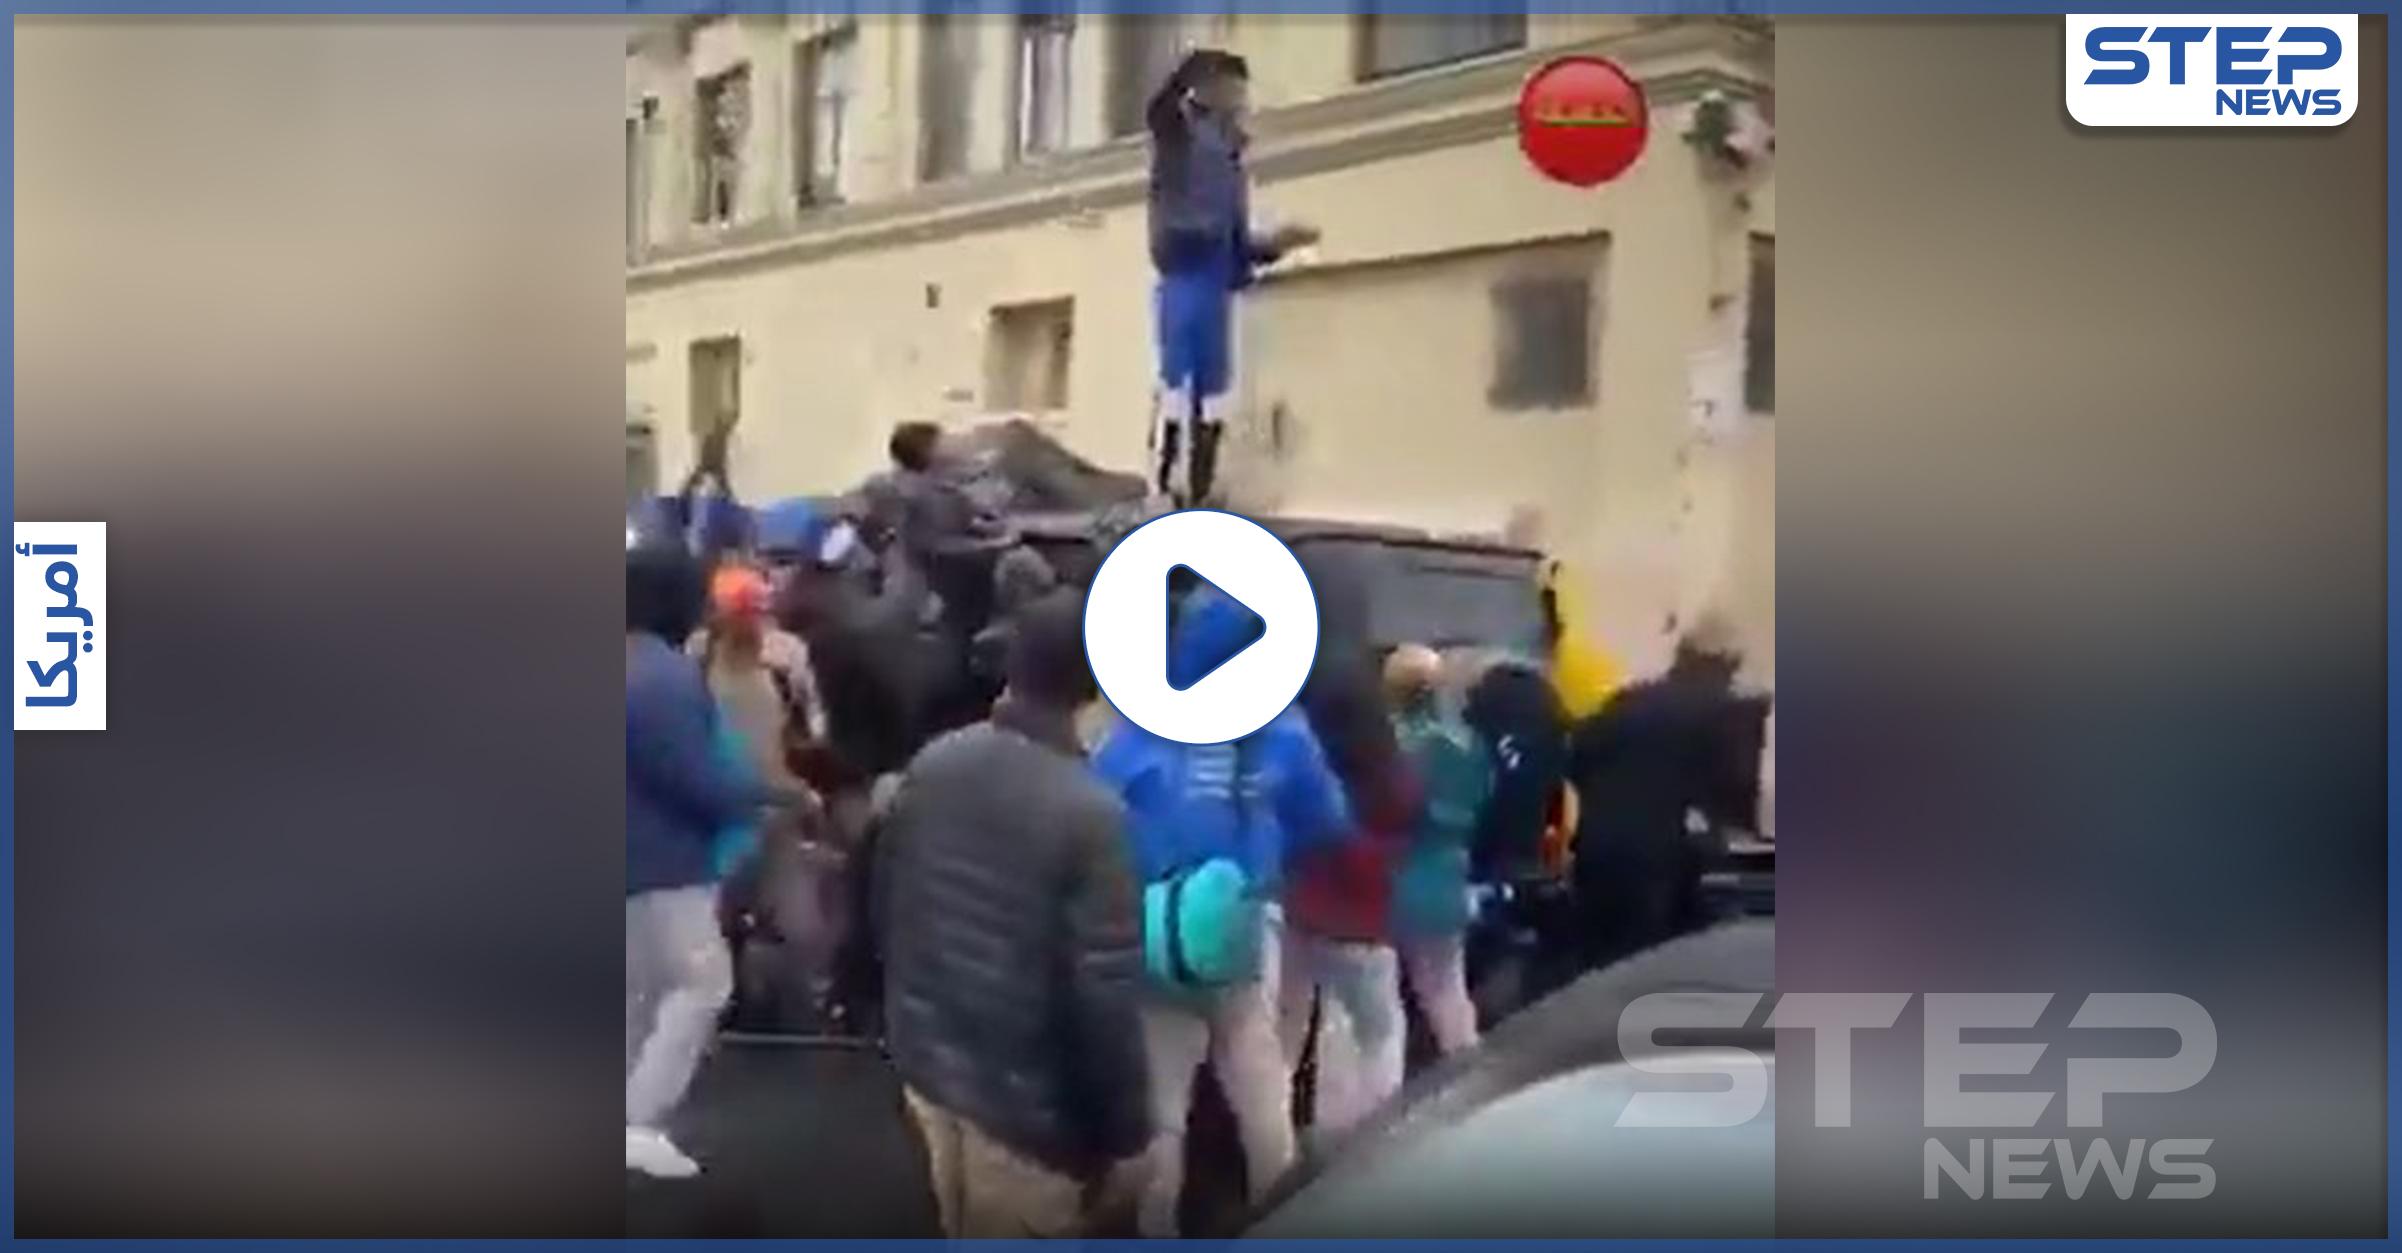 بالفيديو   على طريقة روبن هود .. متظاهر أمريكي سرق مصرفًا ووزّع المال بالهواء على المتظاهرين